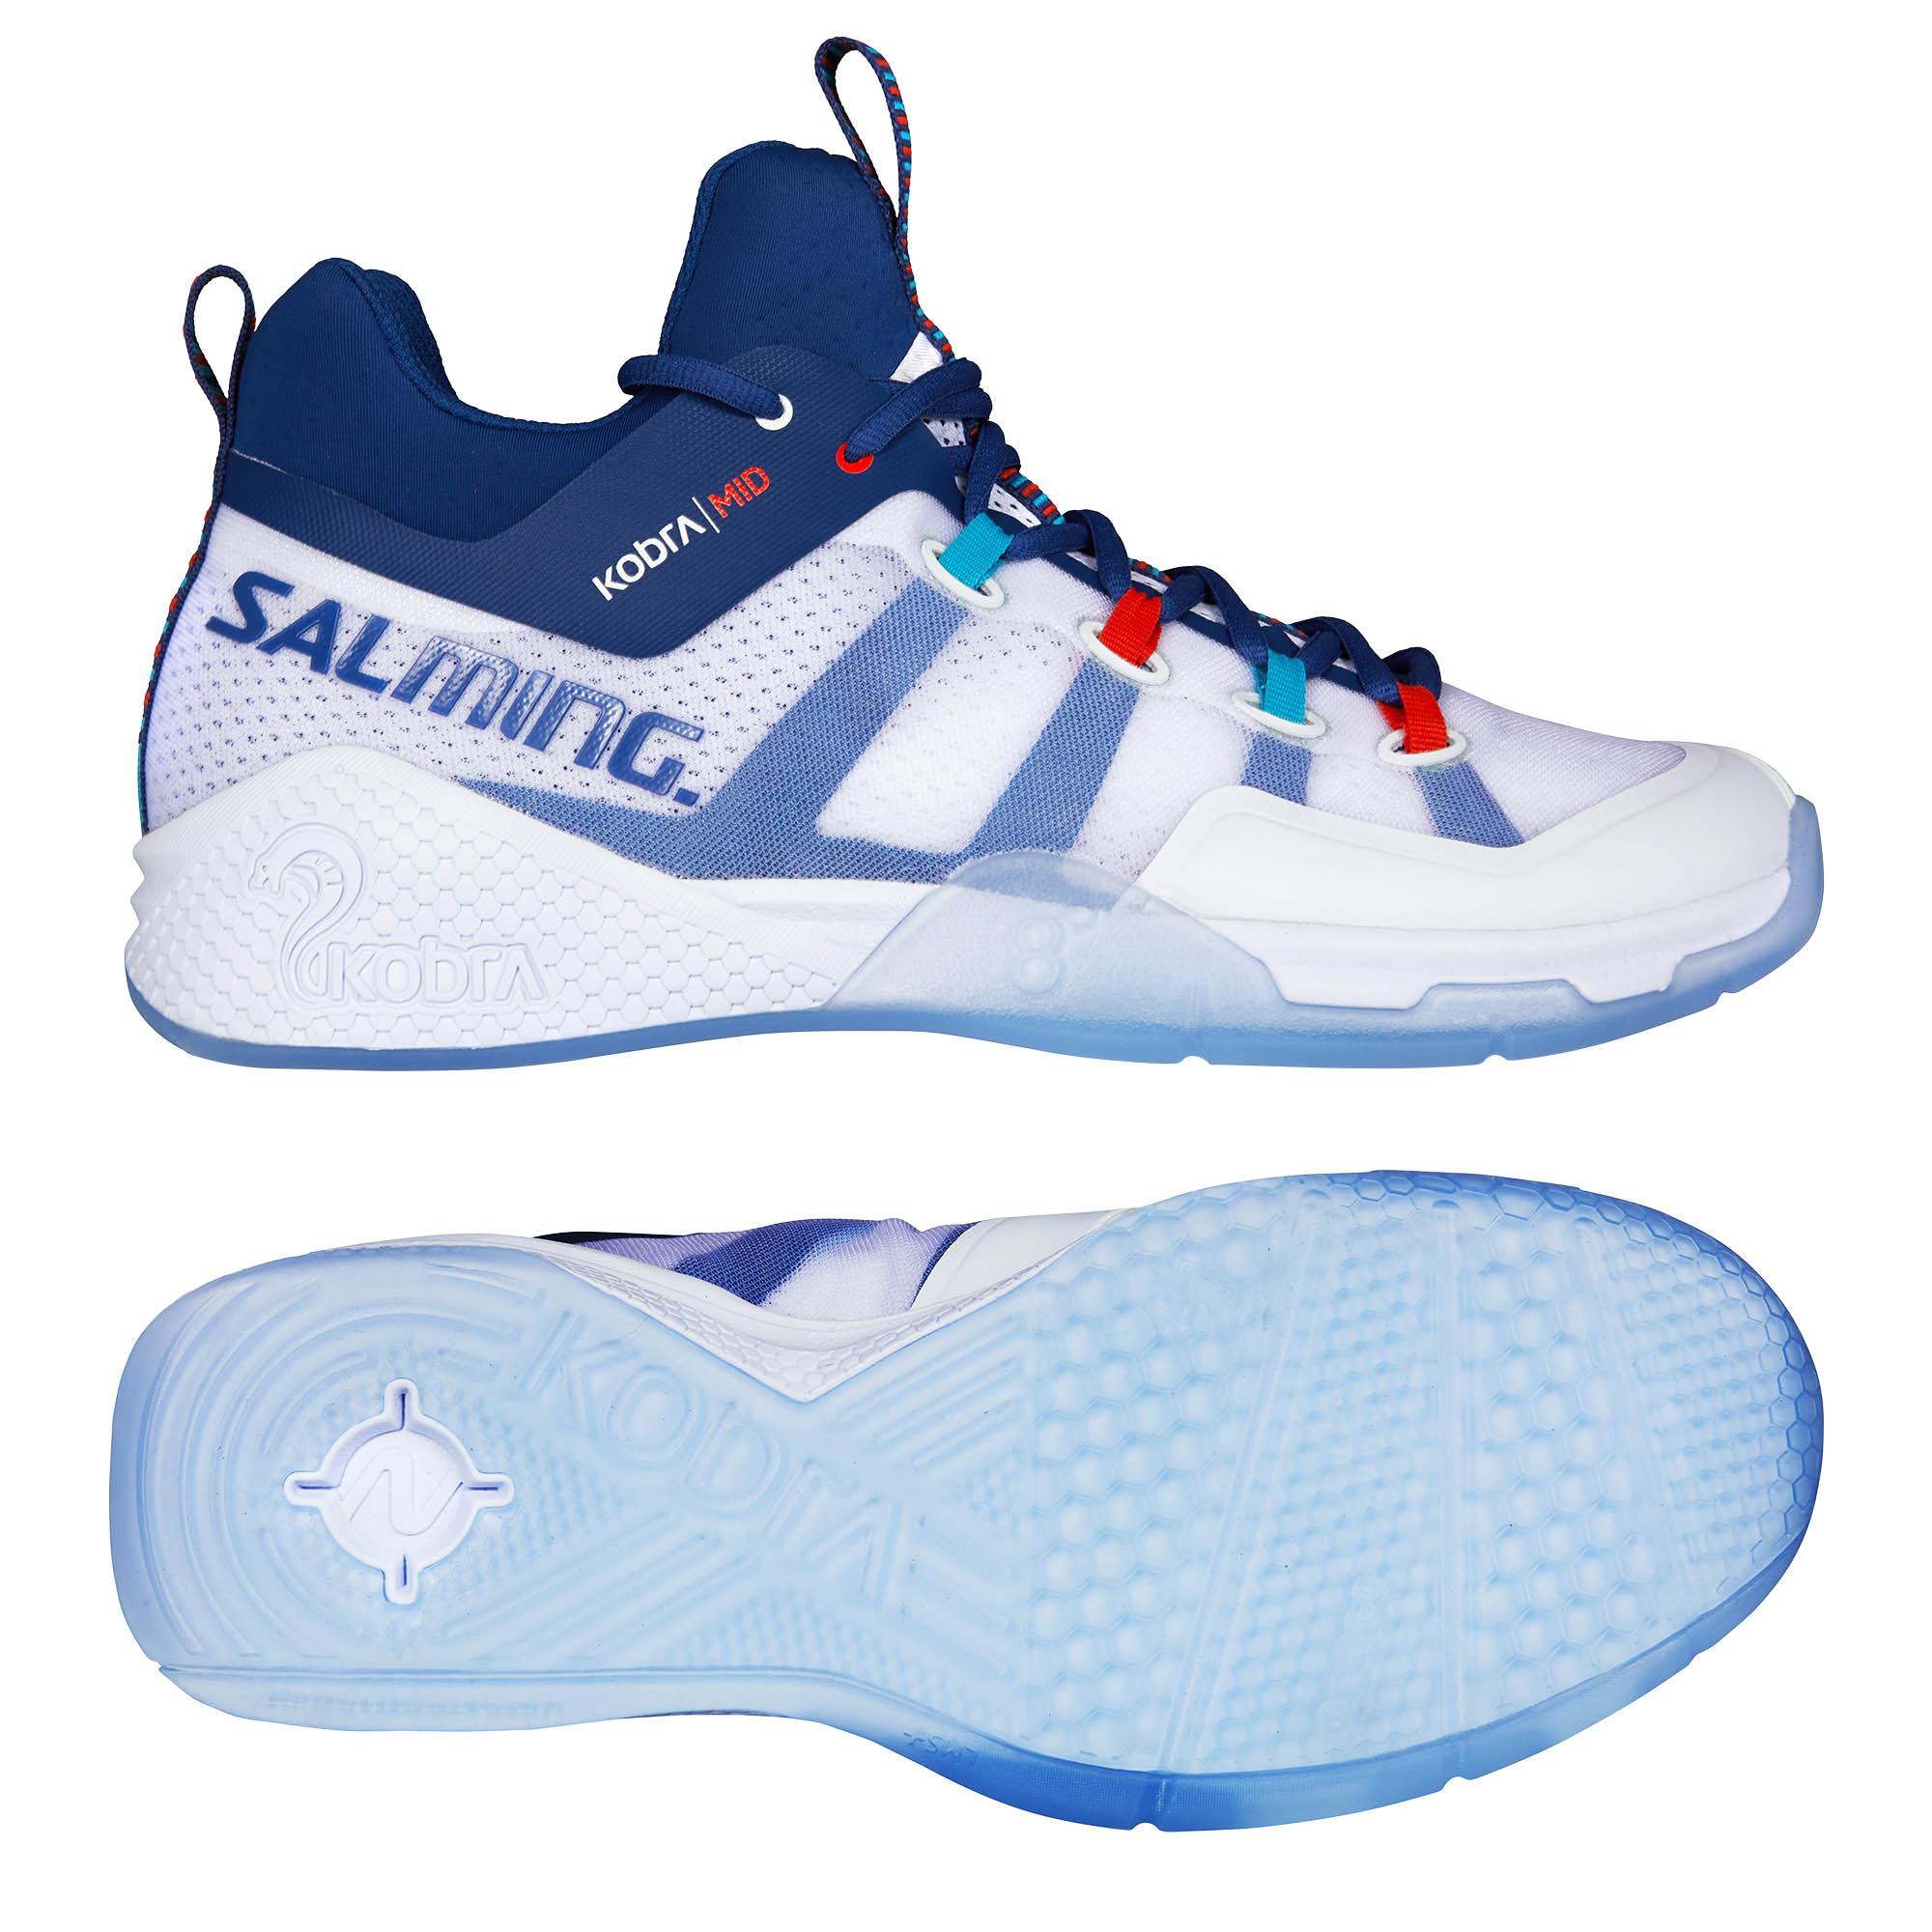 Salming Kobra Mid 2 Mens Indoor Court Shoes - 9 UK